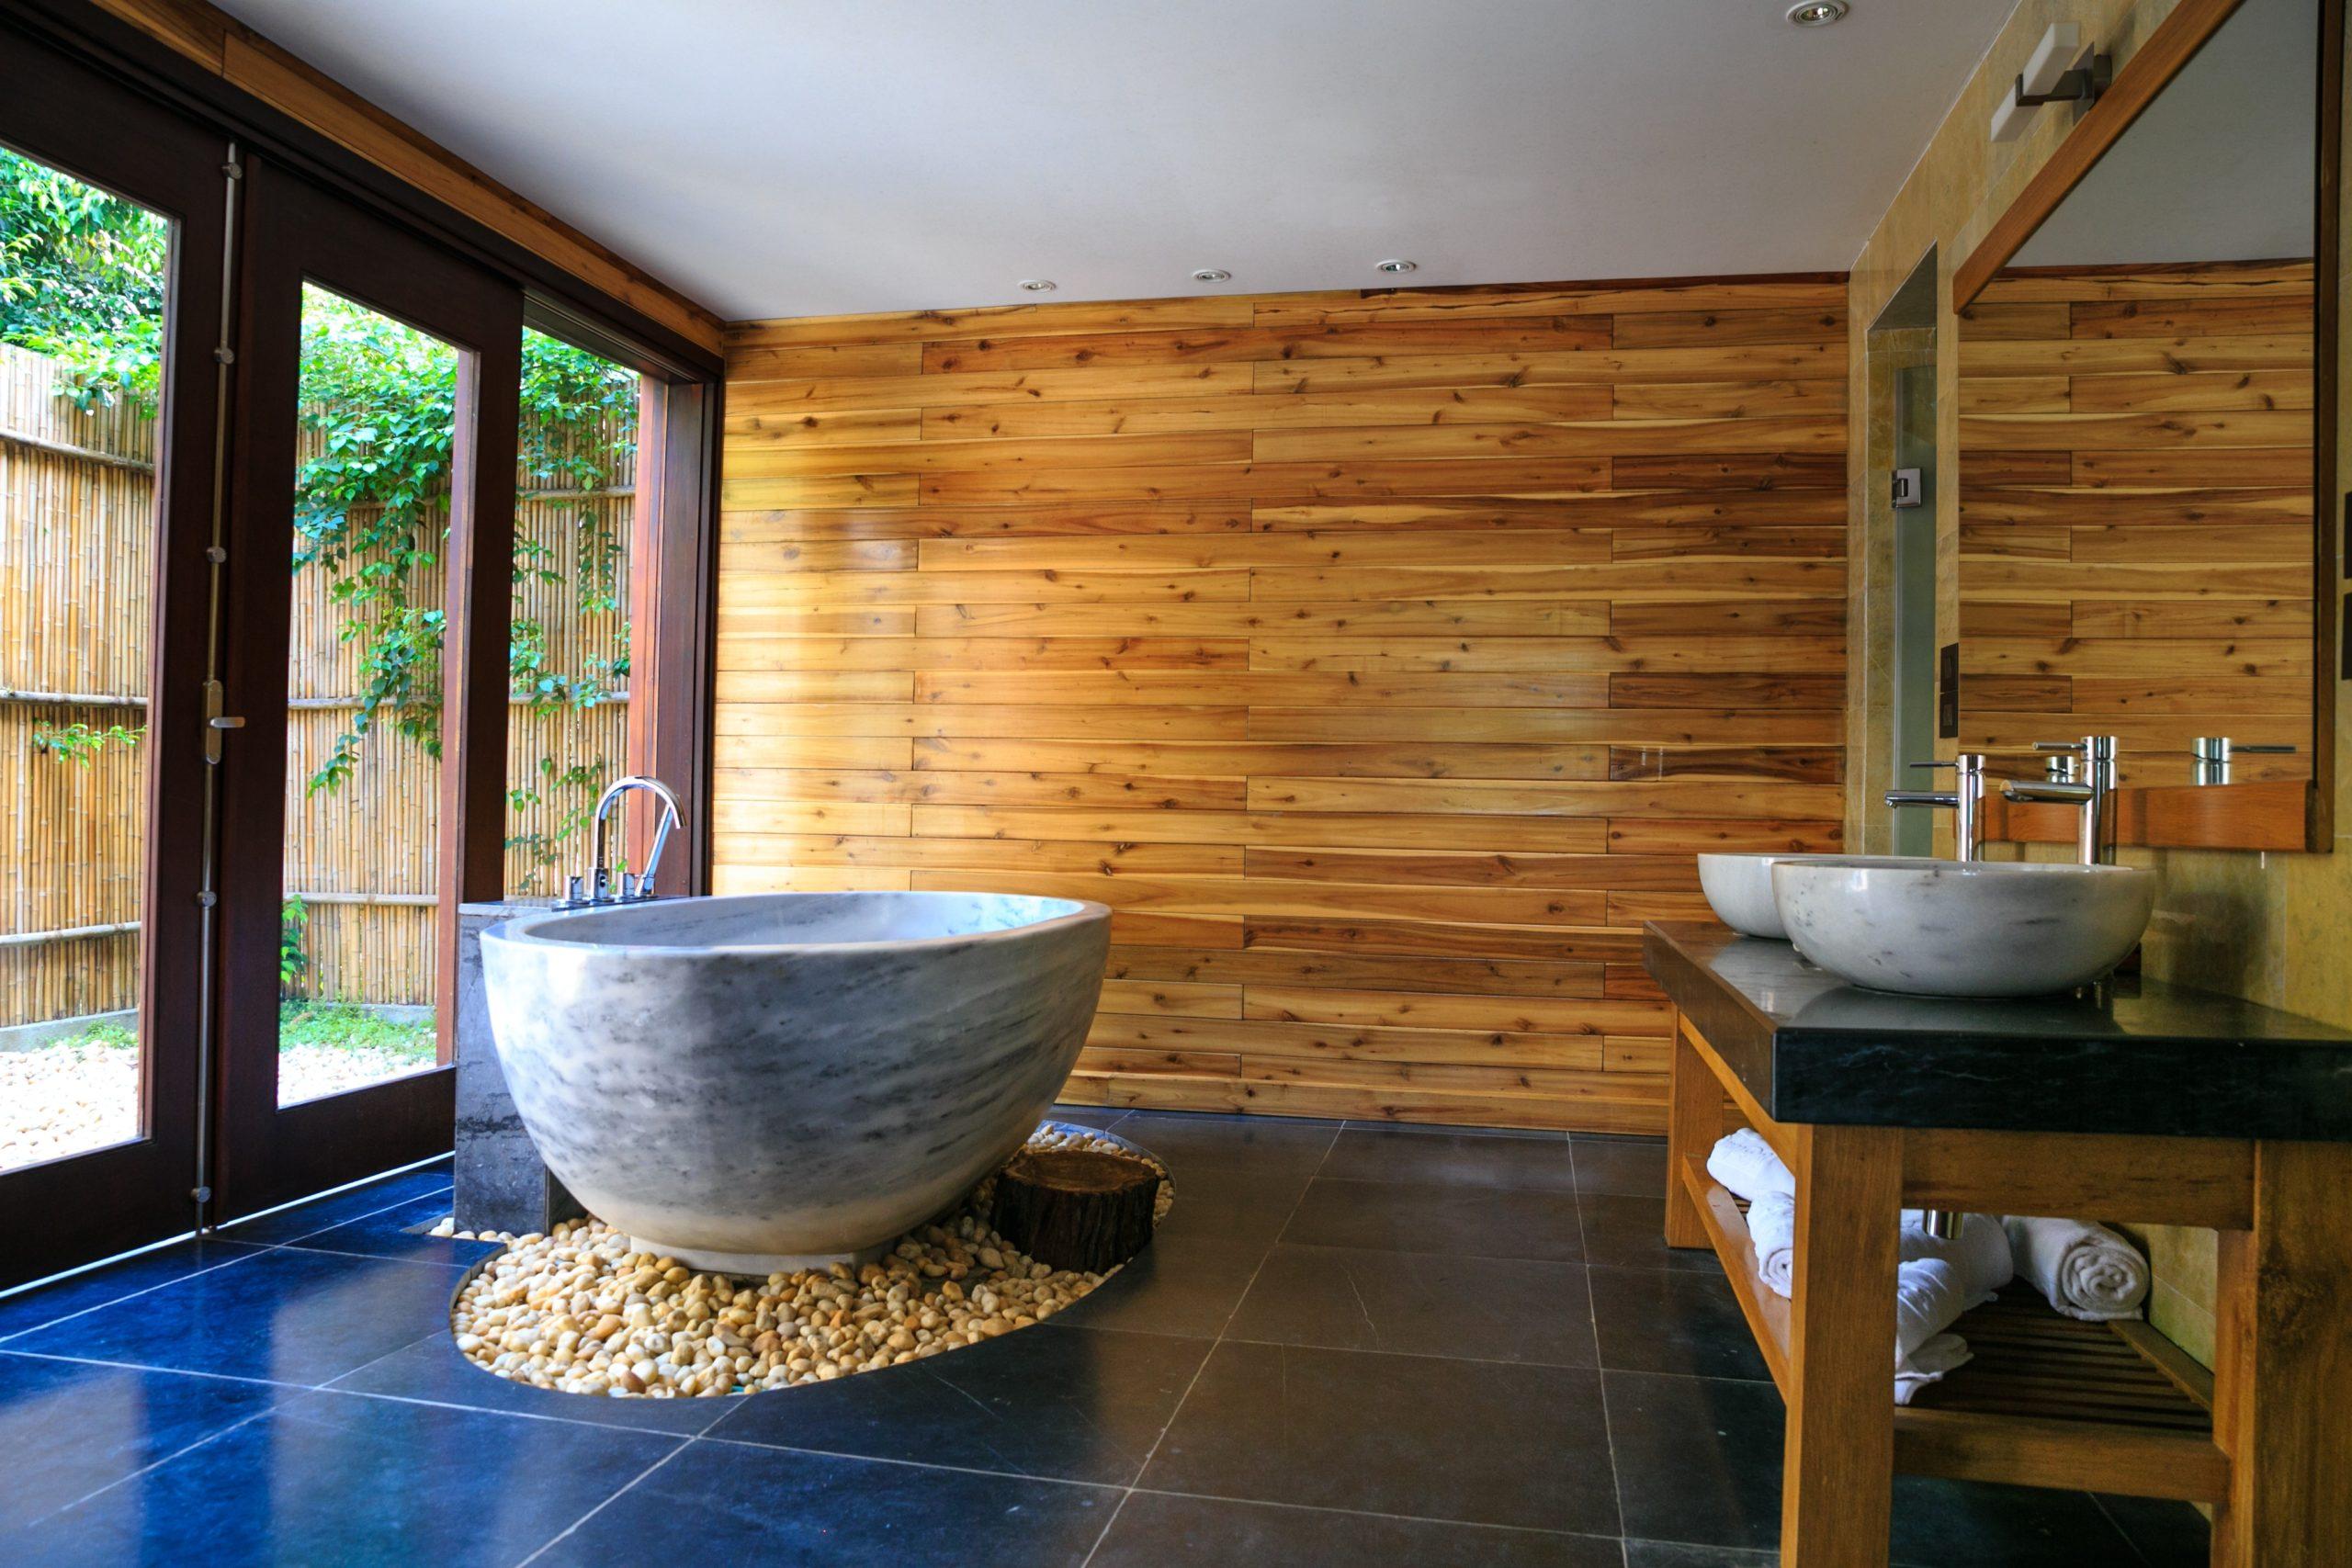 Un bon bain chaud et relaxant